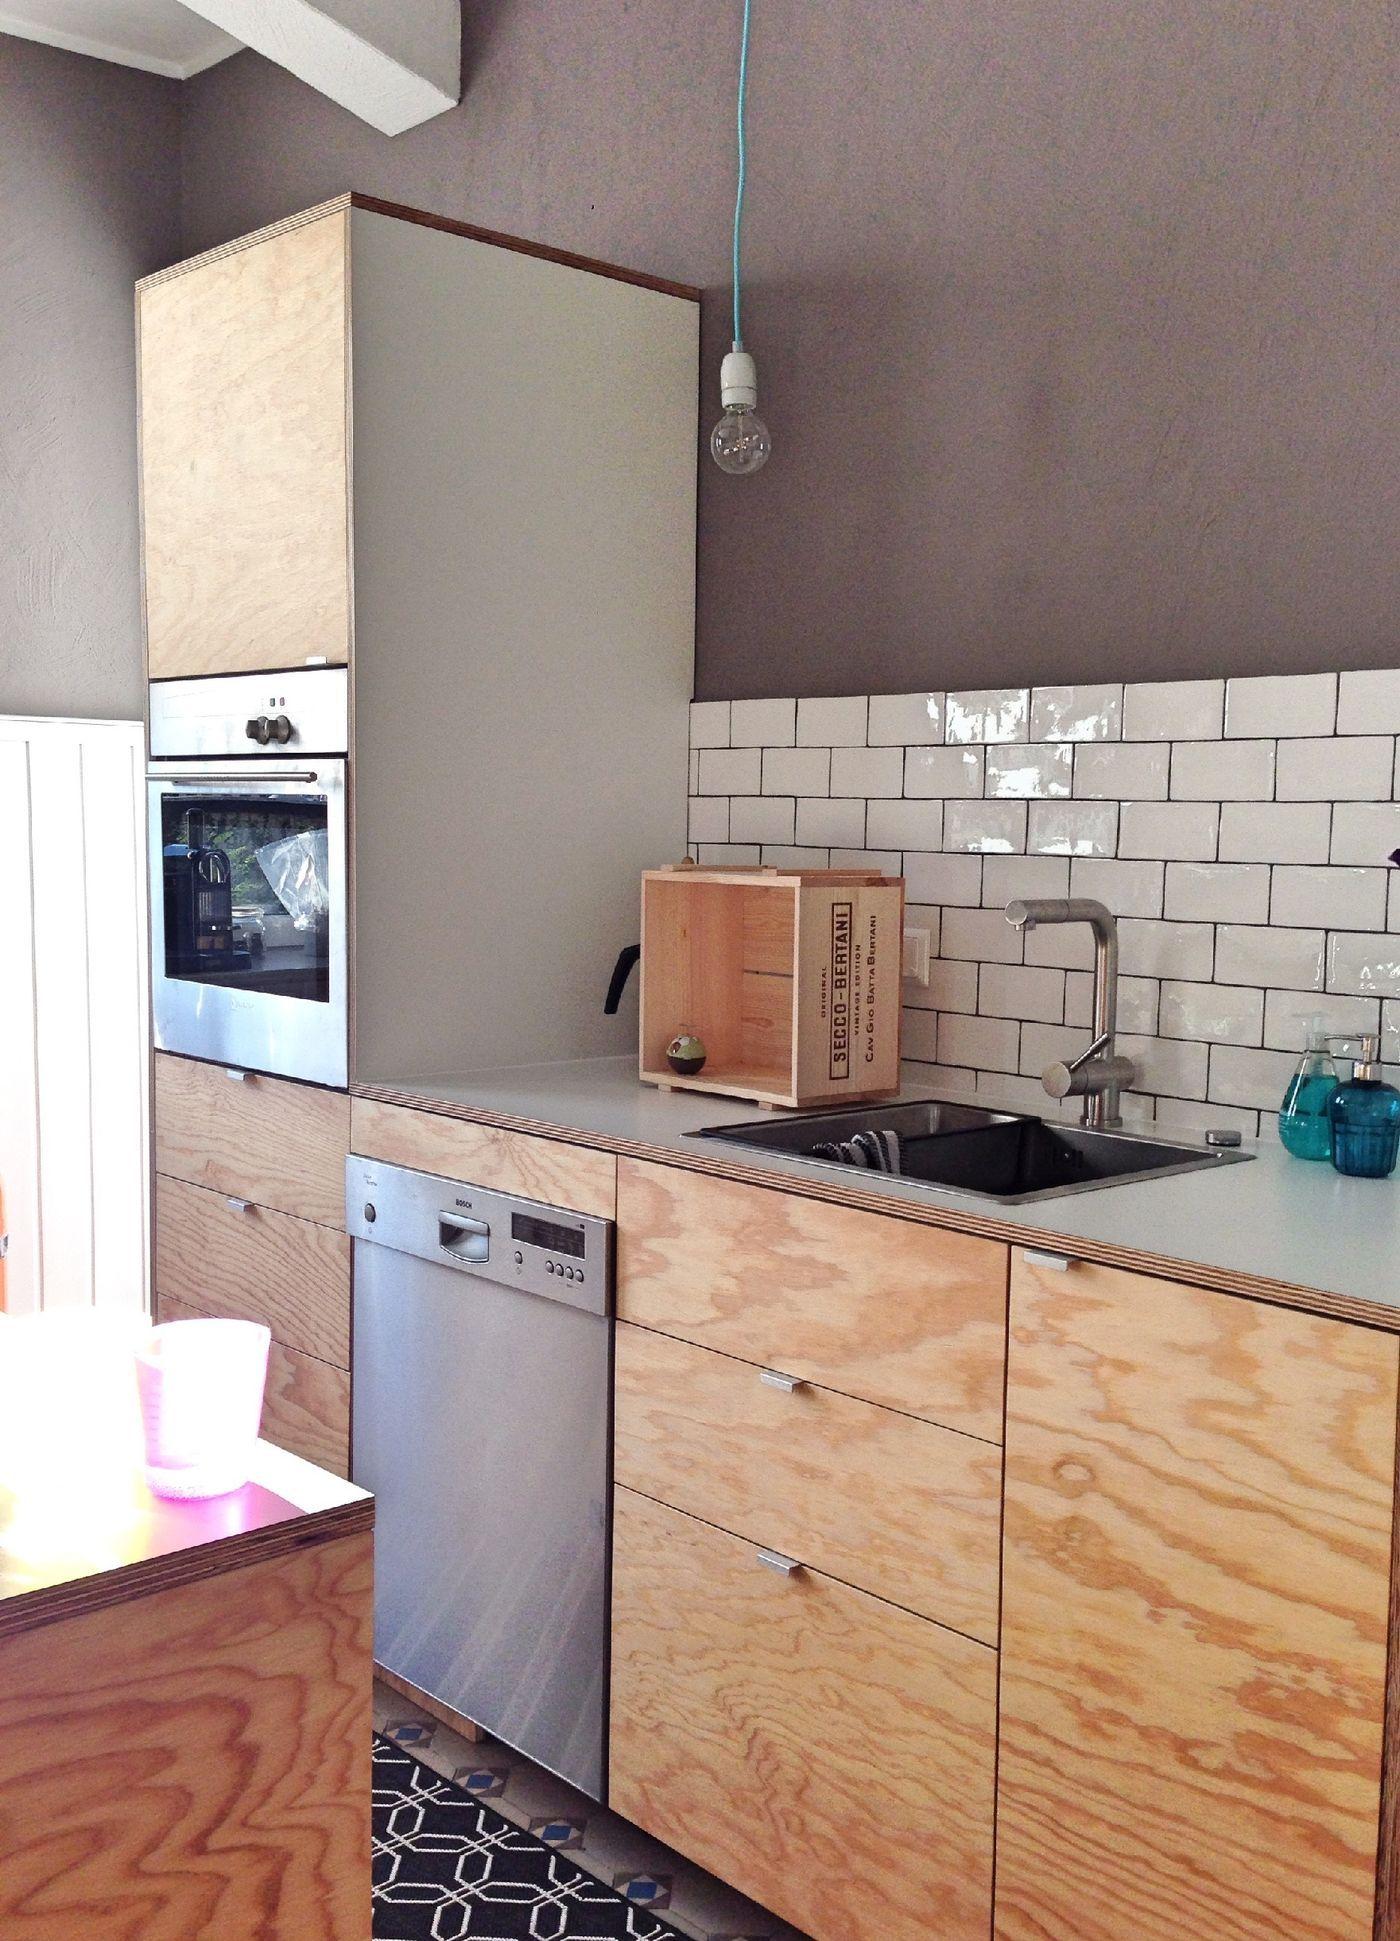 Full Size of Küche Wandverkleidung Wie Arbeitsplatte Küche Wandverkleidung Plexiglas Küche Wandverkleidung Kunststoff Küche Wandverkleidung Laminat Küche Küche Wandverkleidung